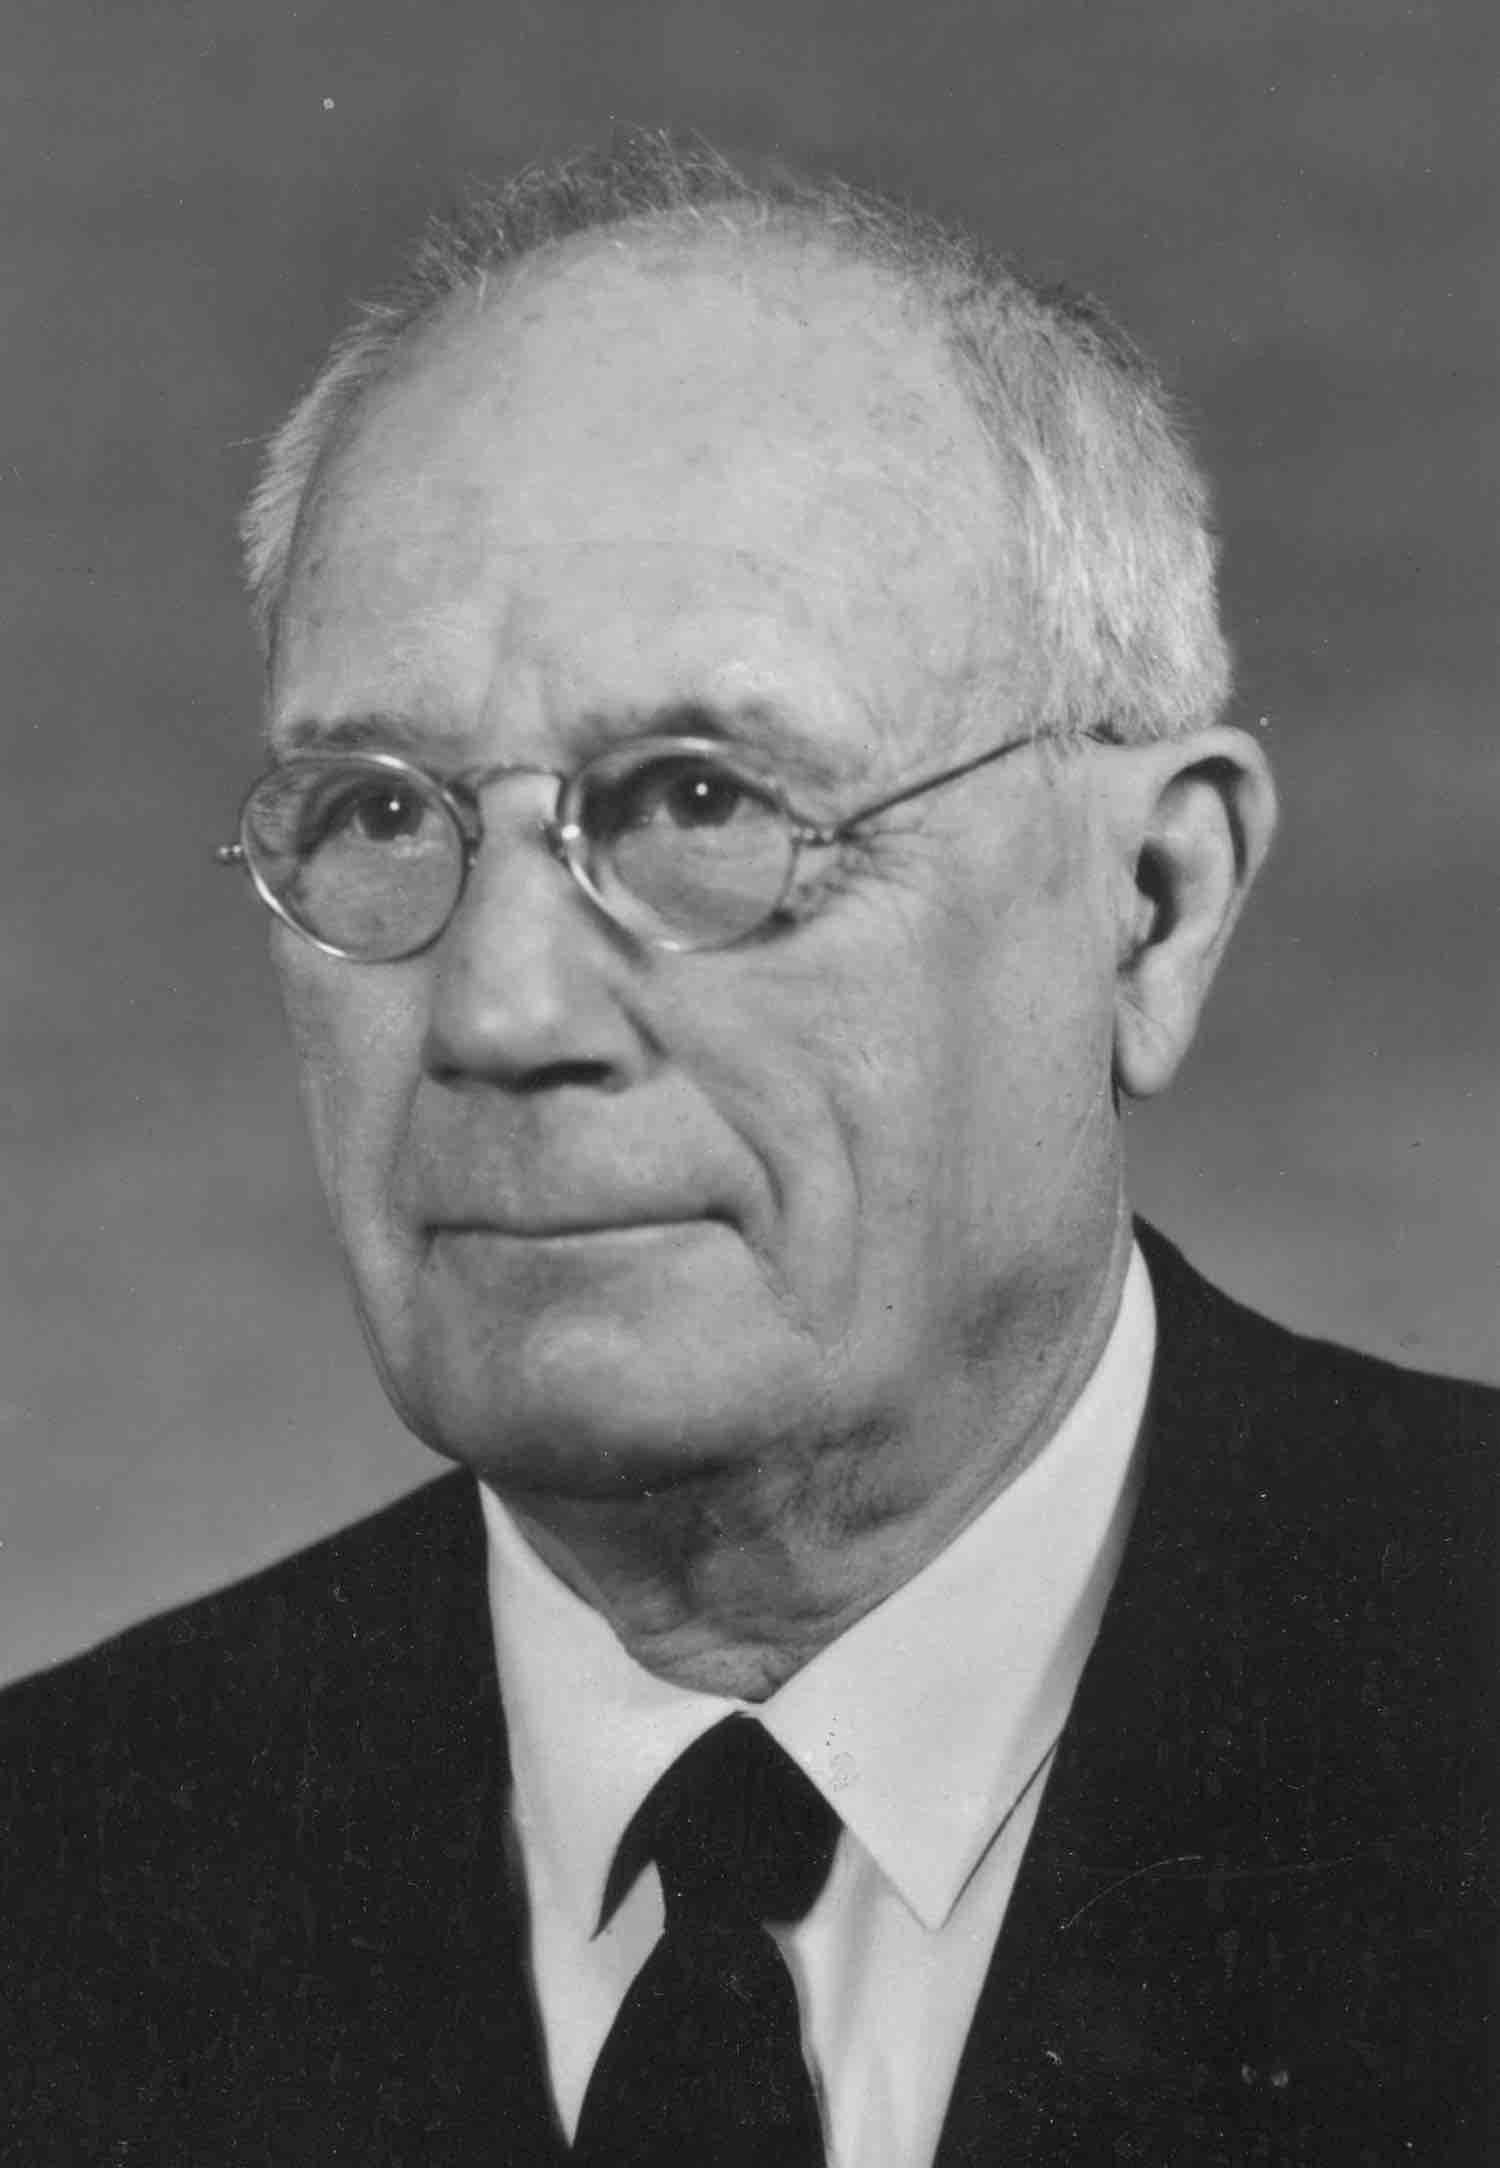 Richard Evans Schultes (1915-2001)